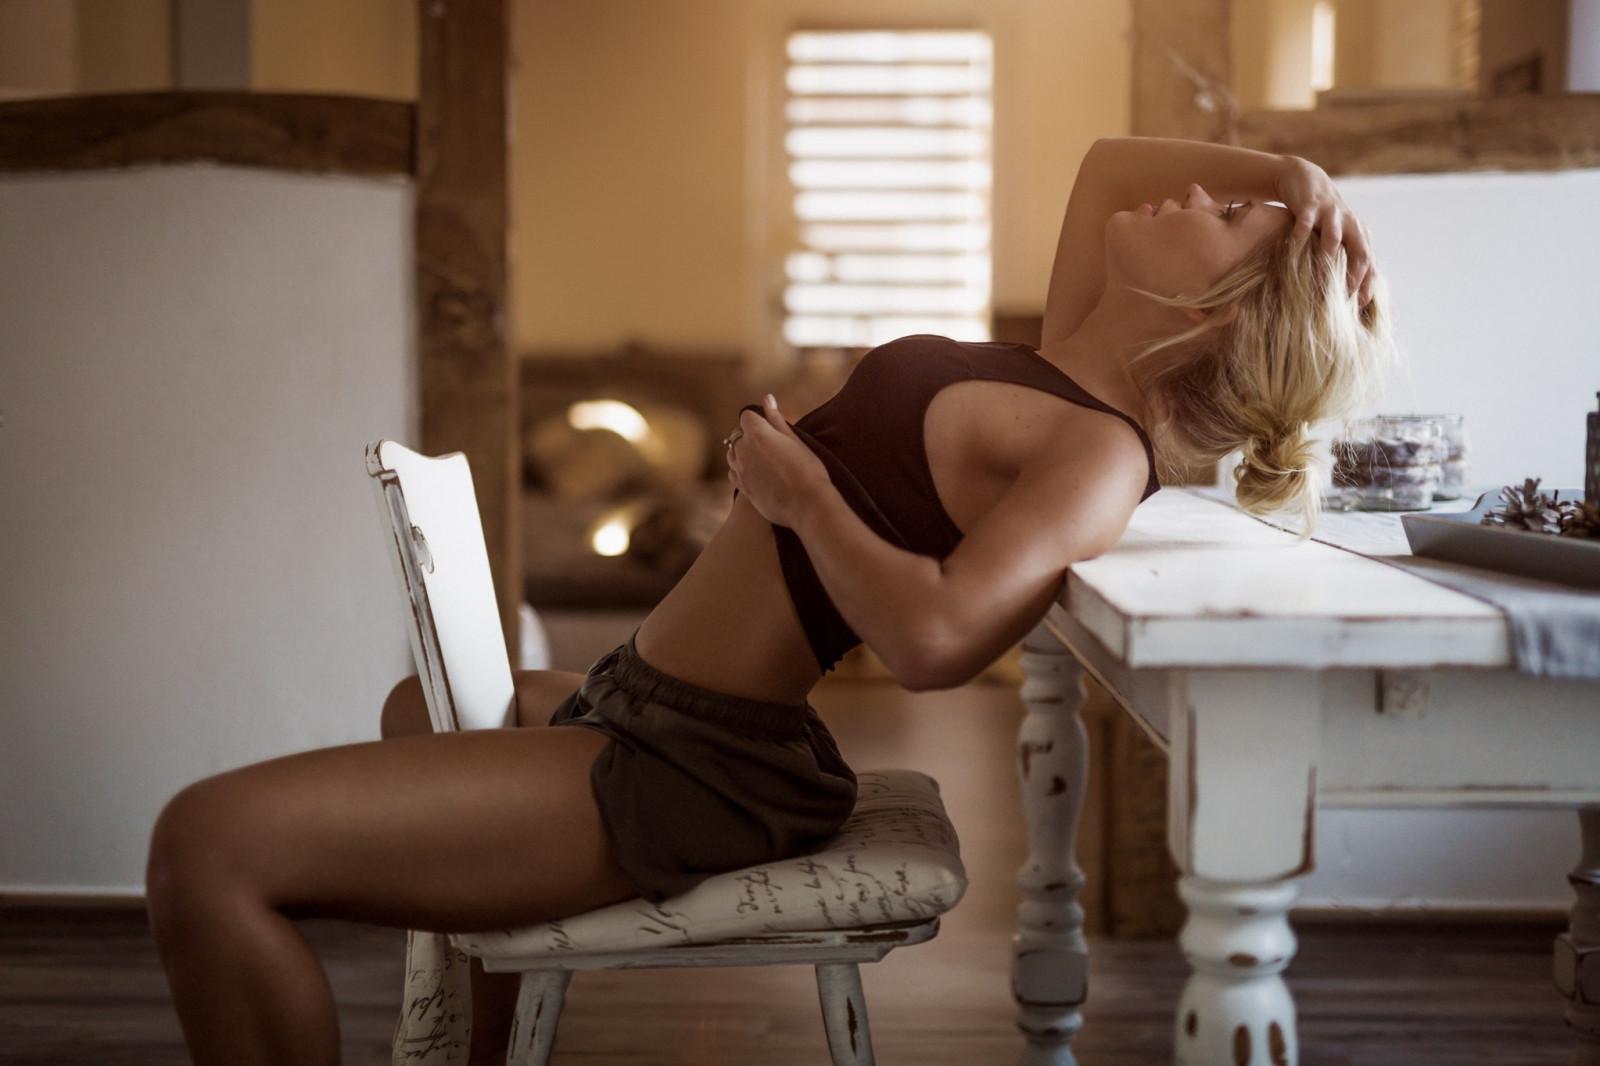 грудастая блондинка сидит на стуле голая - 7